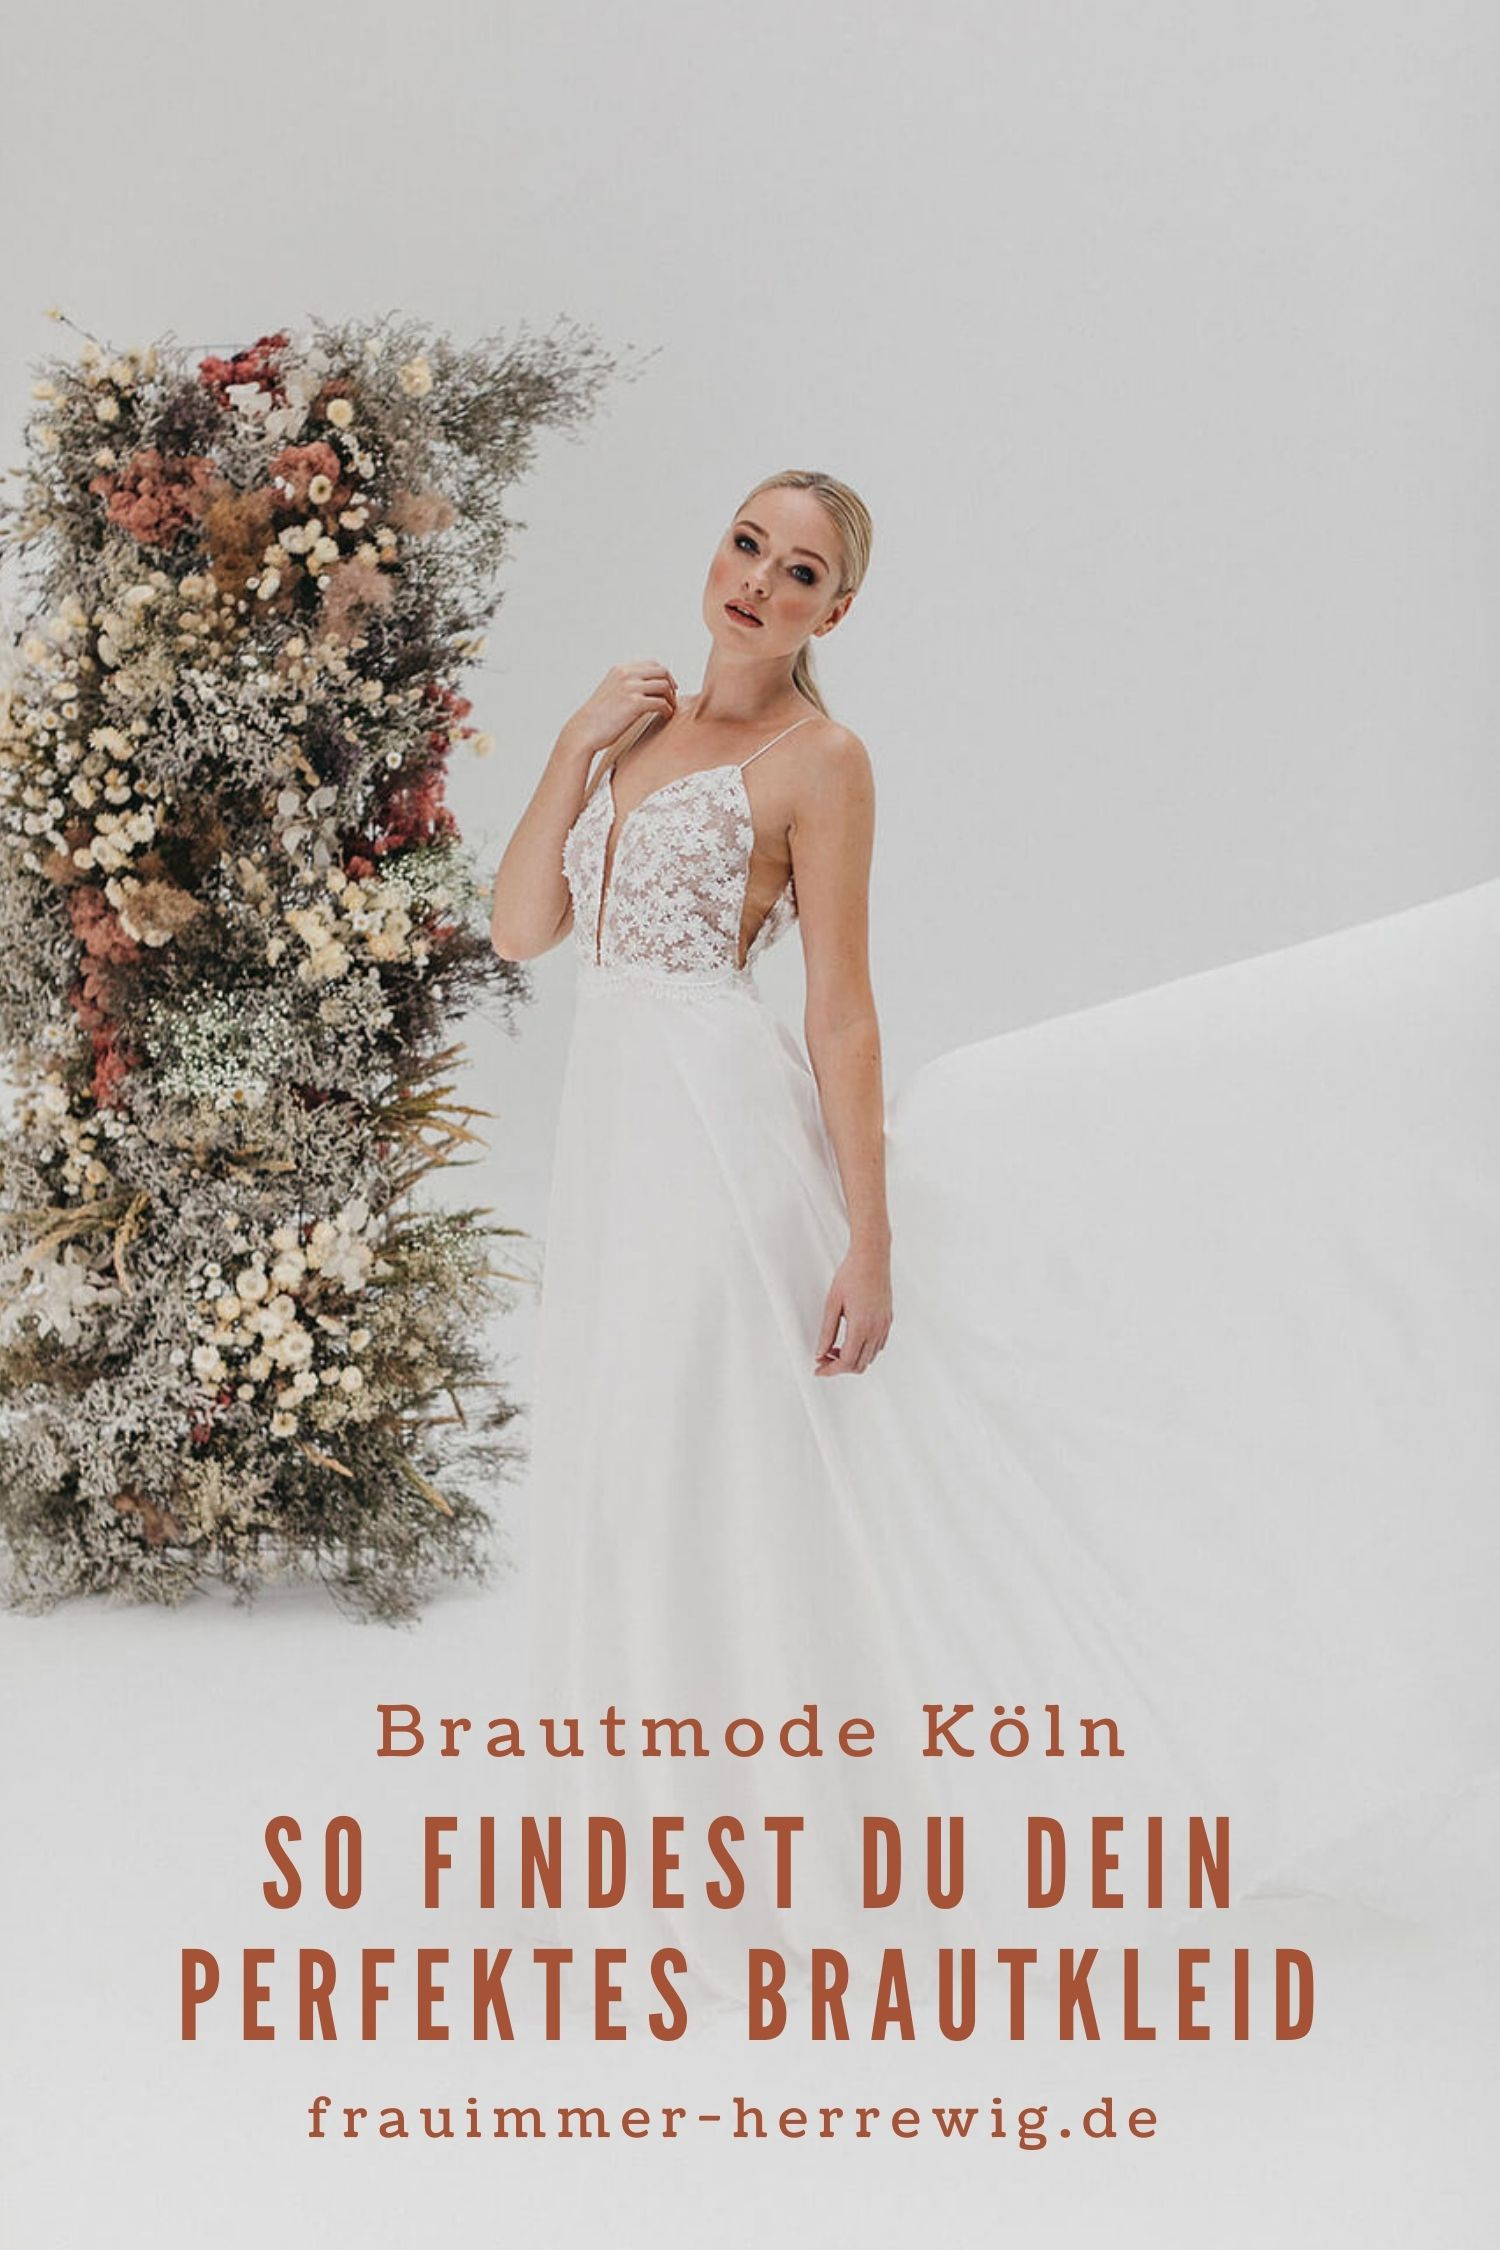 Hochzeitskleid mit transparenter Spitze – gesehen bei frauimmer-herrewig.de